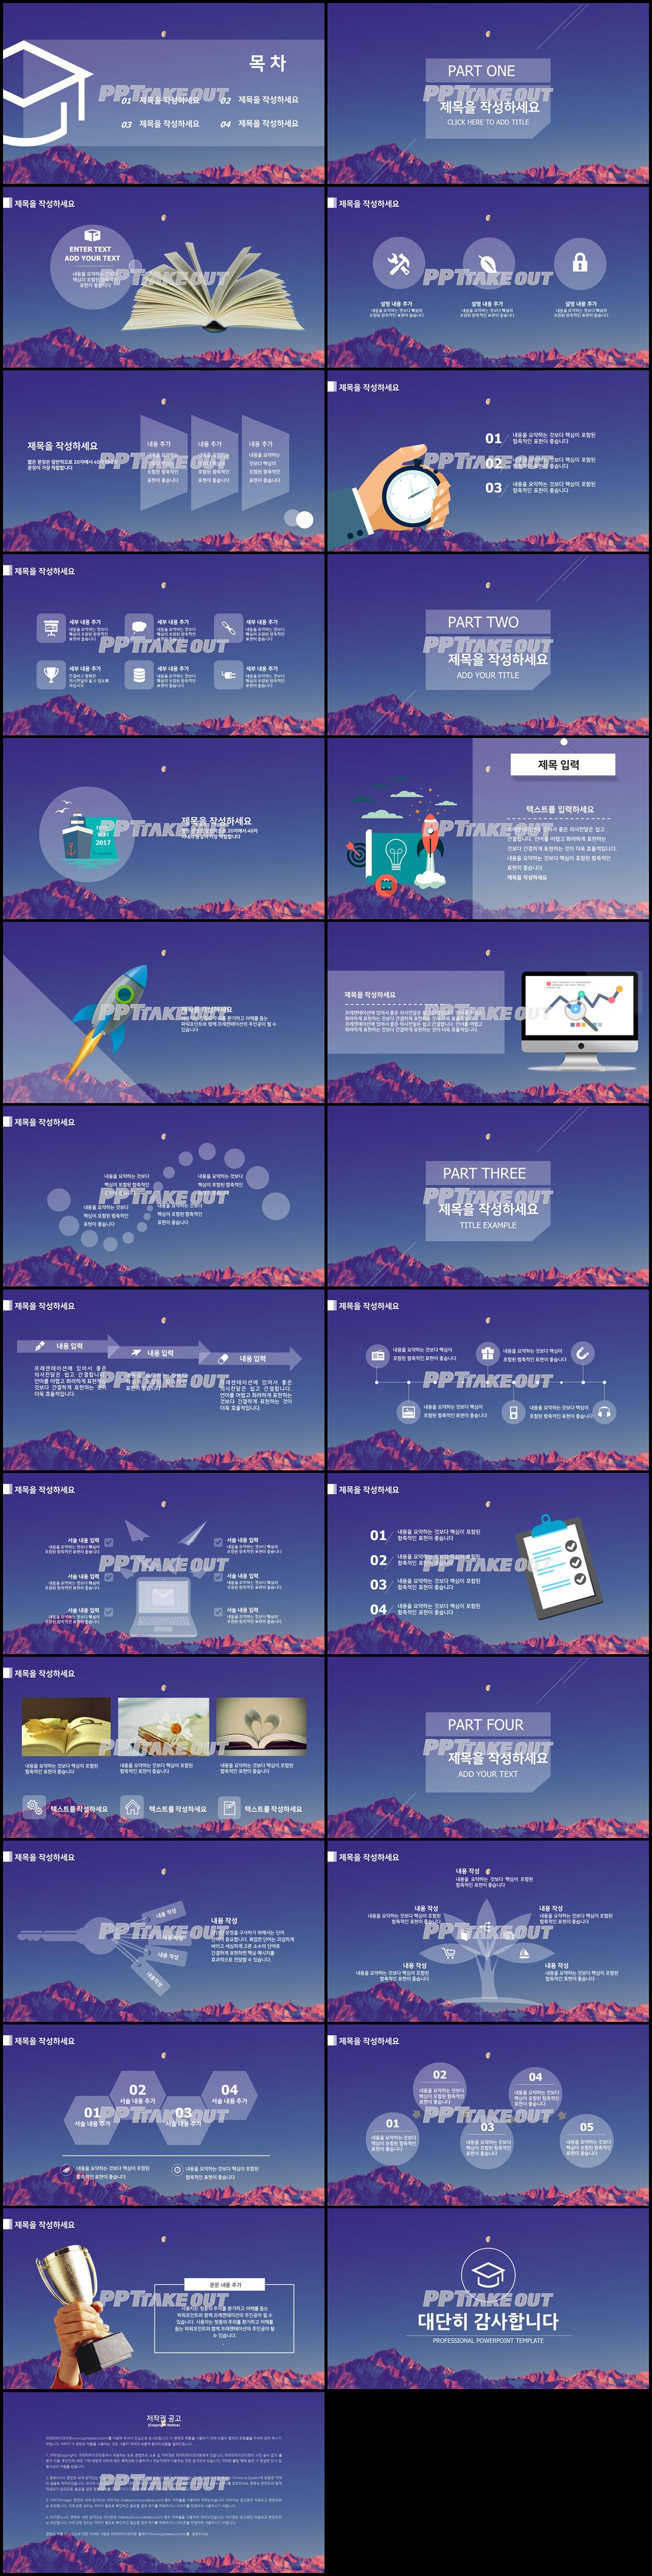 졸업발표 자주색 단순한 고급형 POWERPOINT템플릿 디자인 상세보기